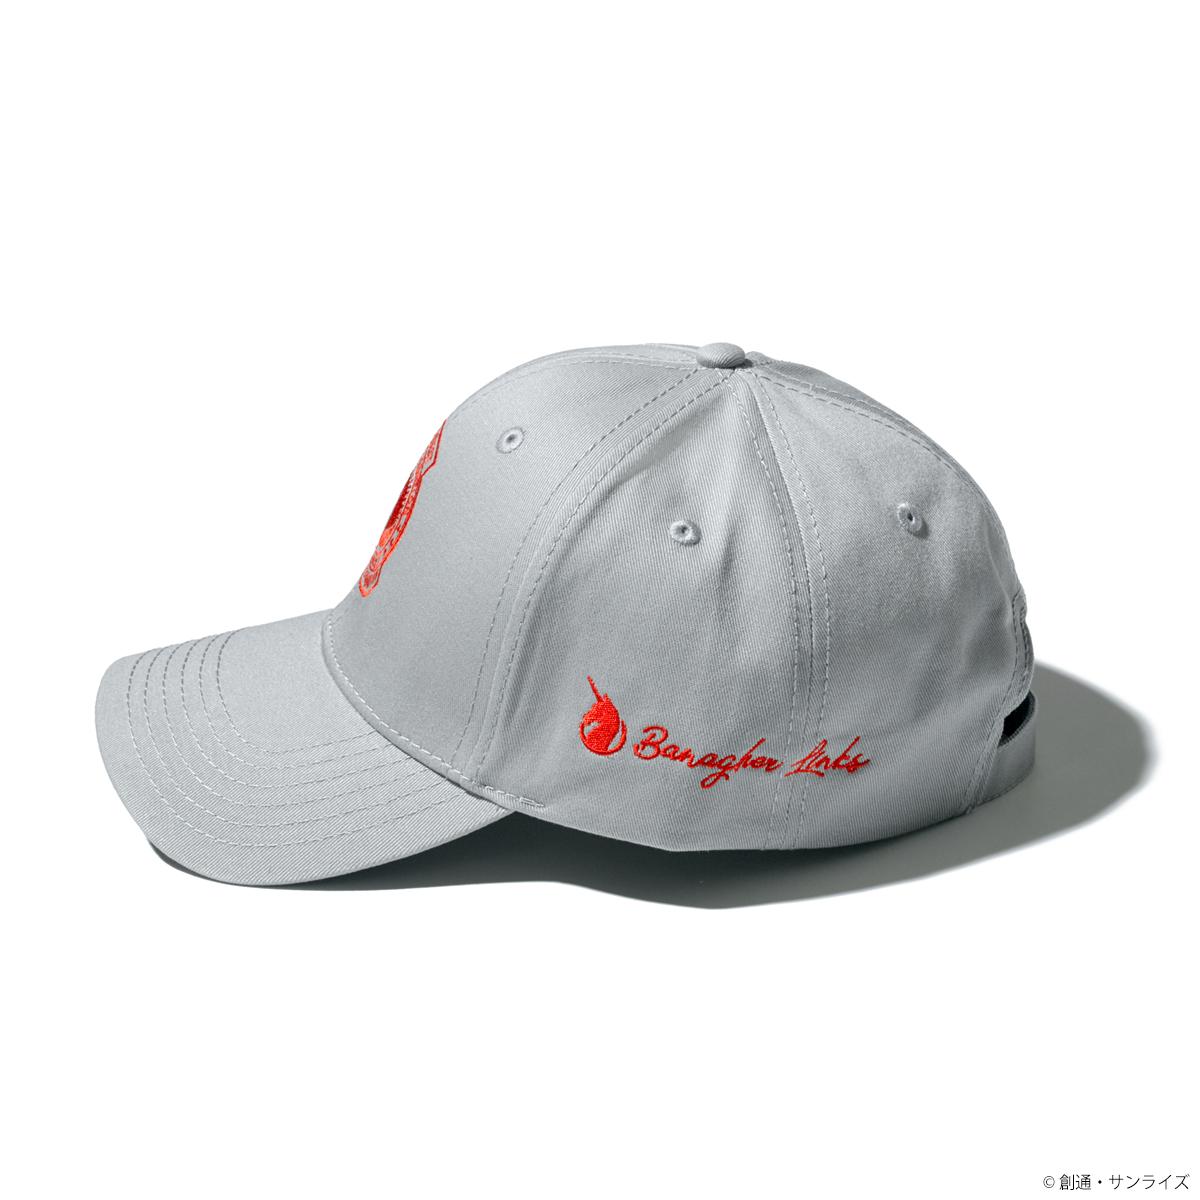 『機動戦士ガンダムUC』cap ビスト財団